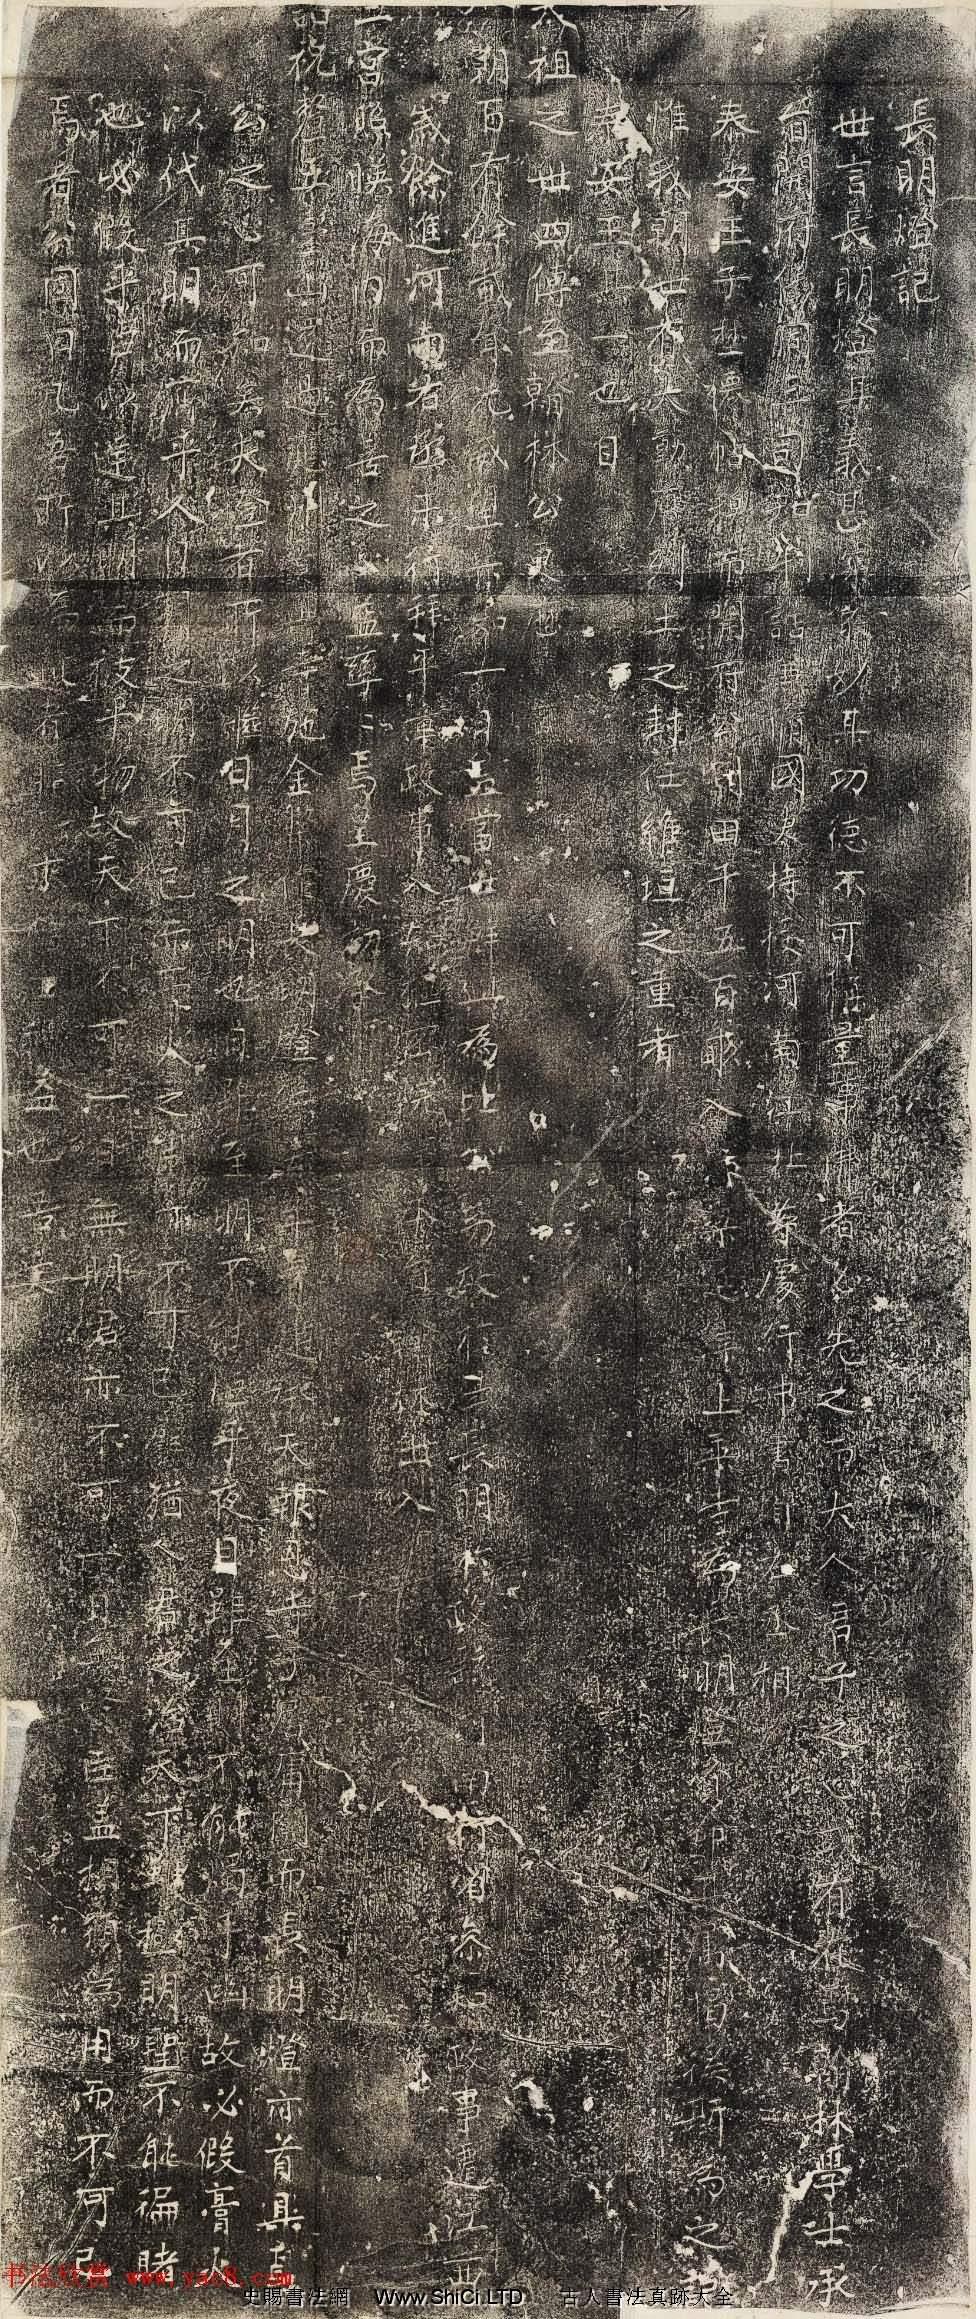 元代石刻書法欣賞趙孟俯長明燈記碑陽+碑陰全圖